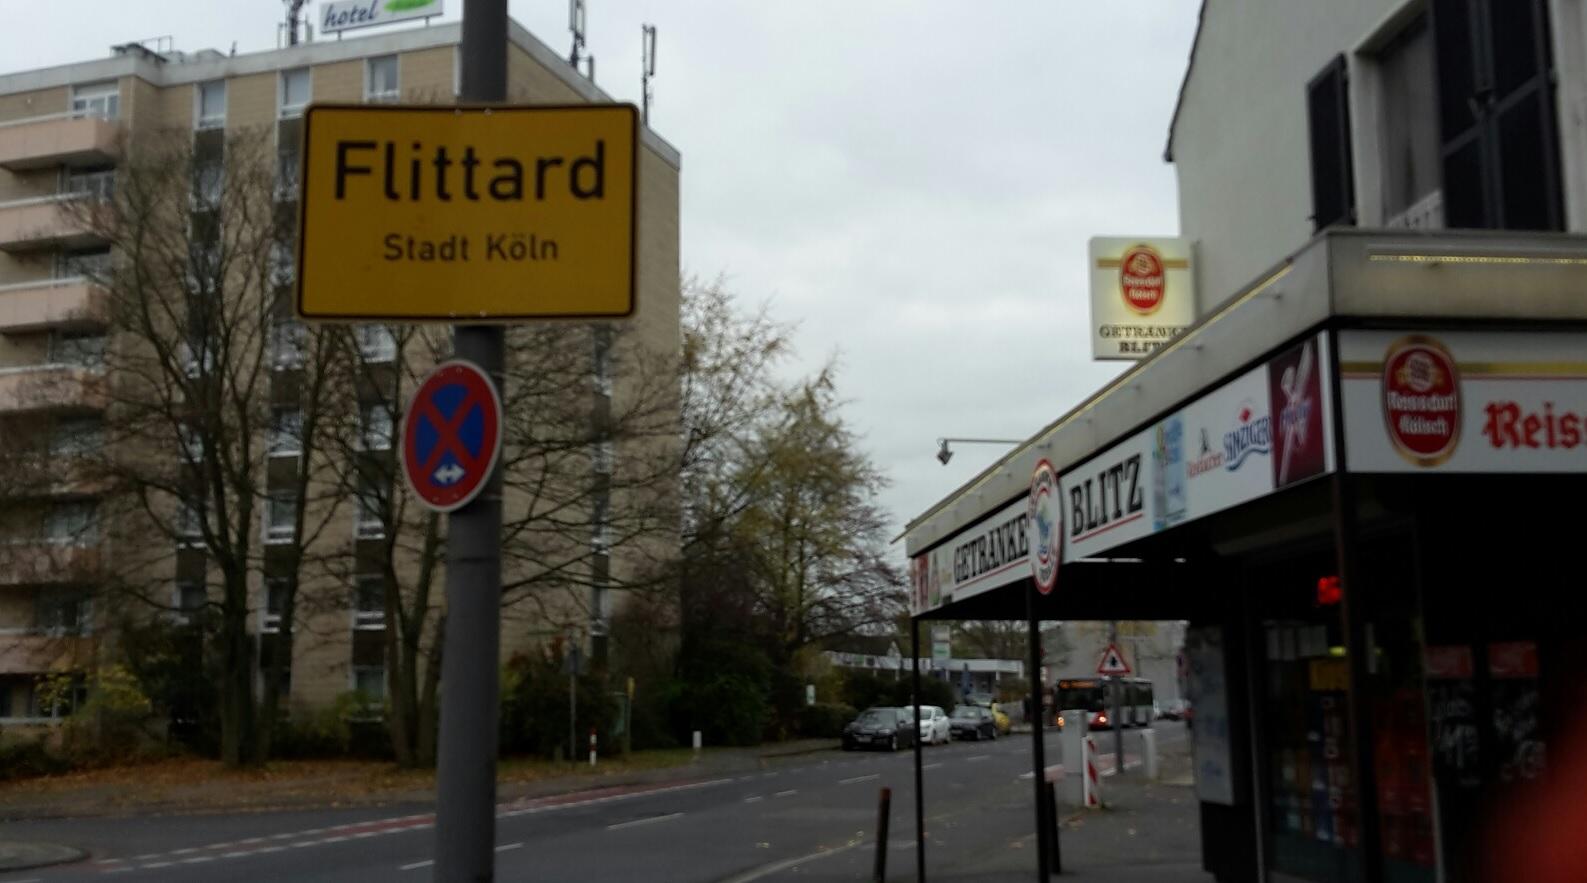 Köln Flittard Ortseingang